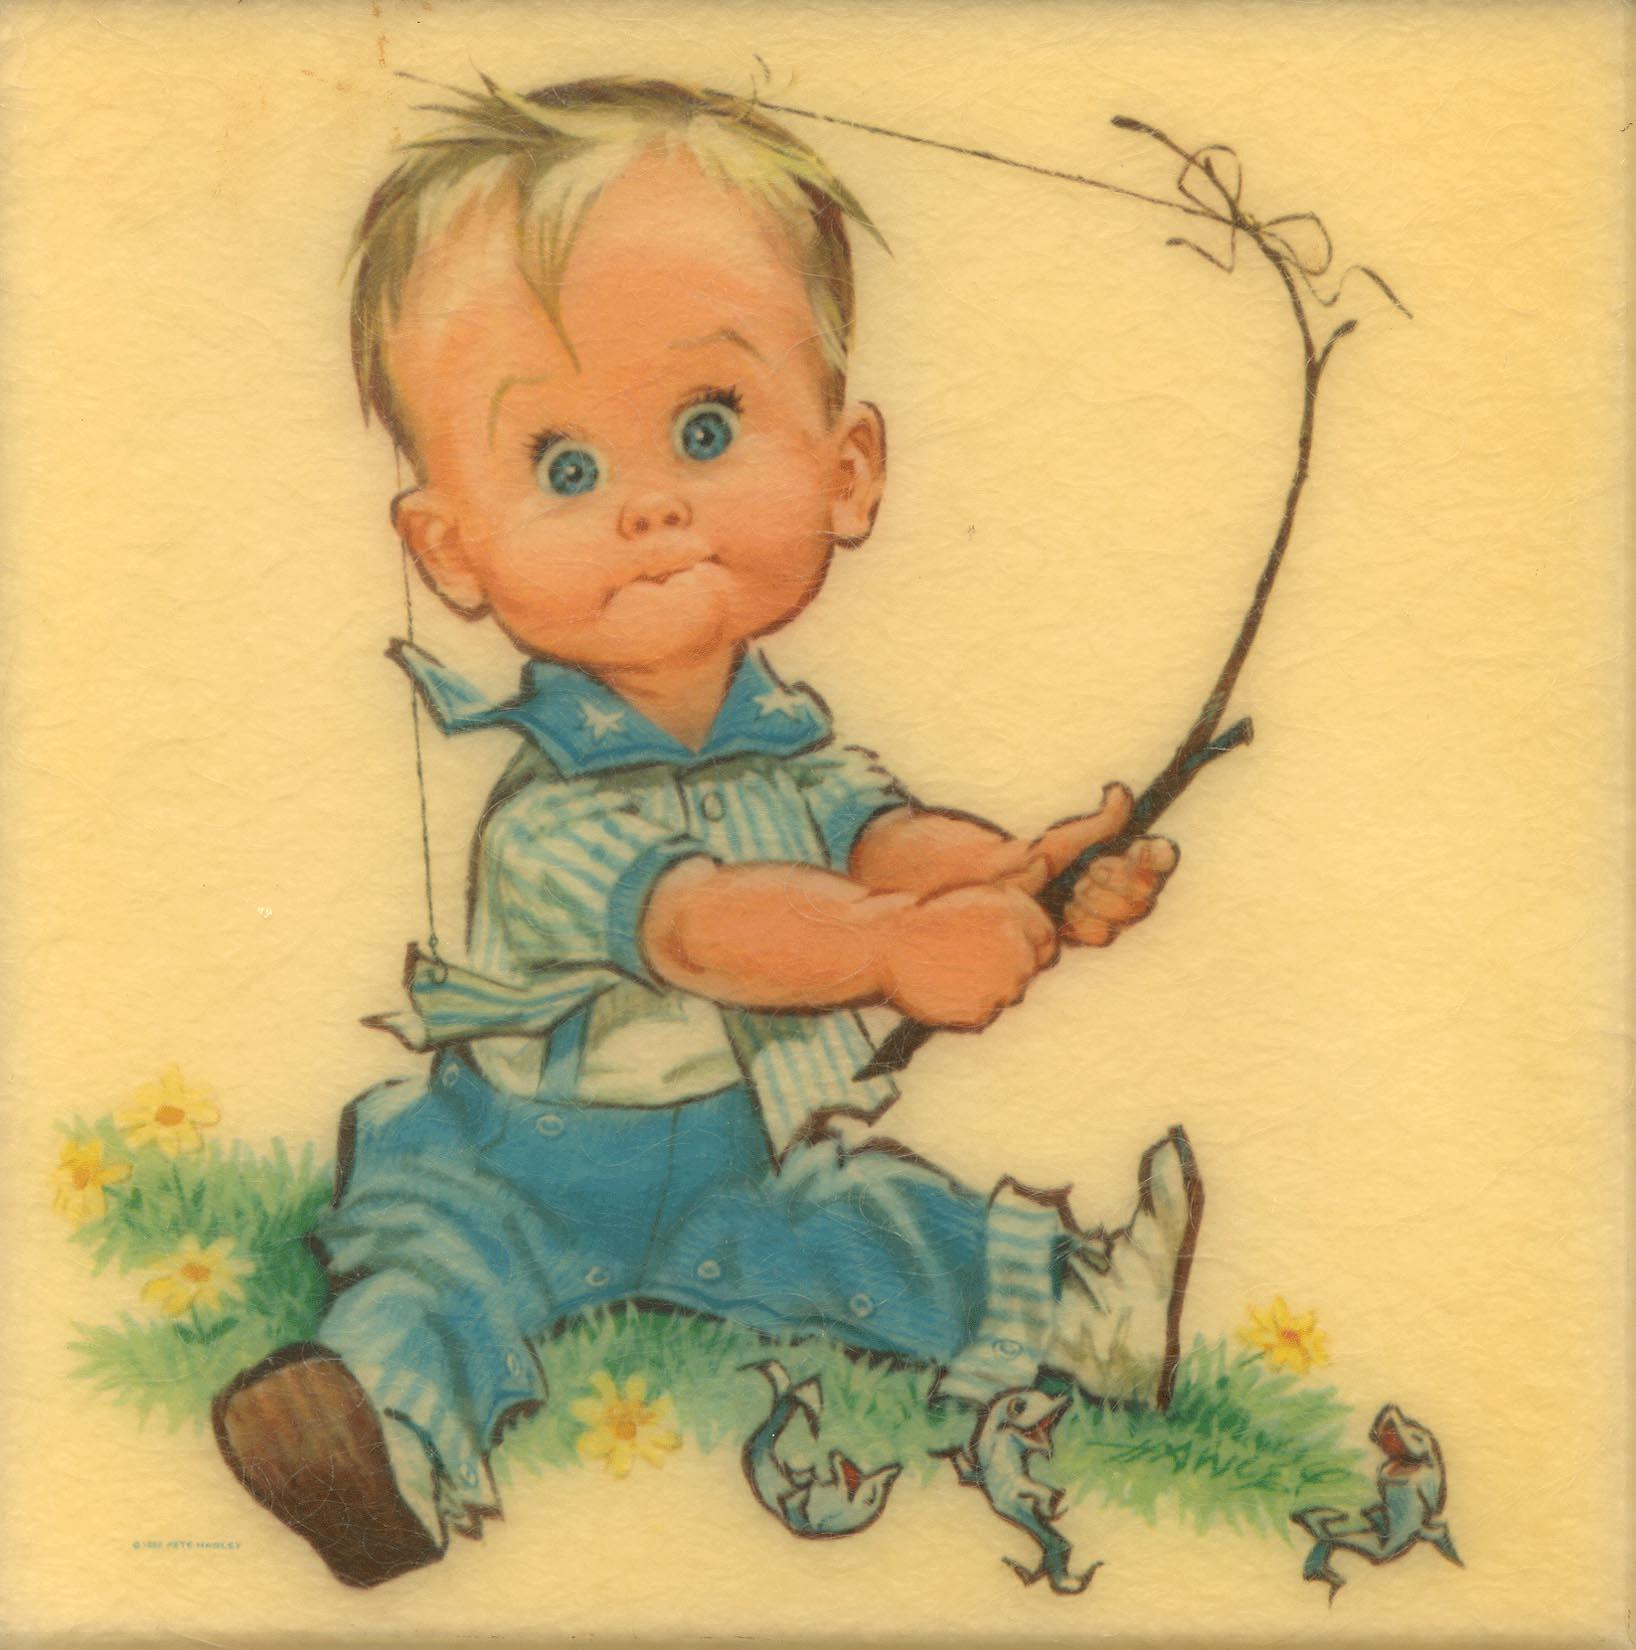 Открытки с изображениями детей